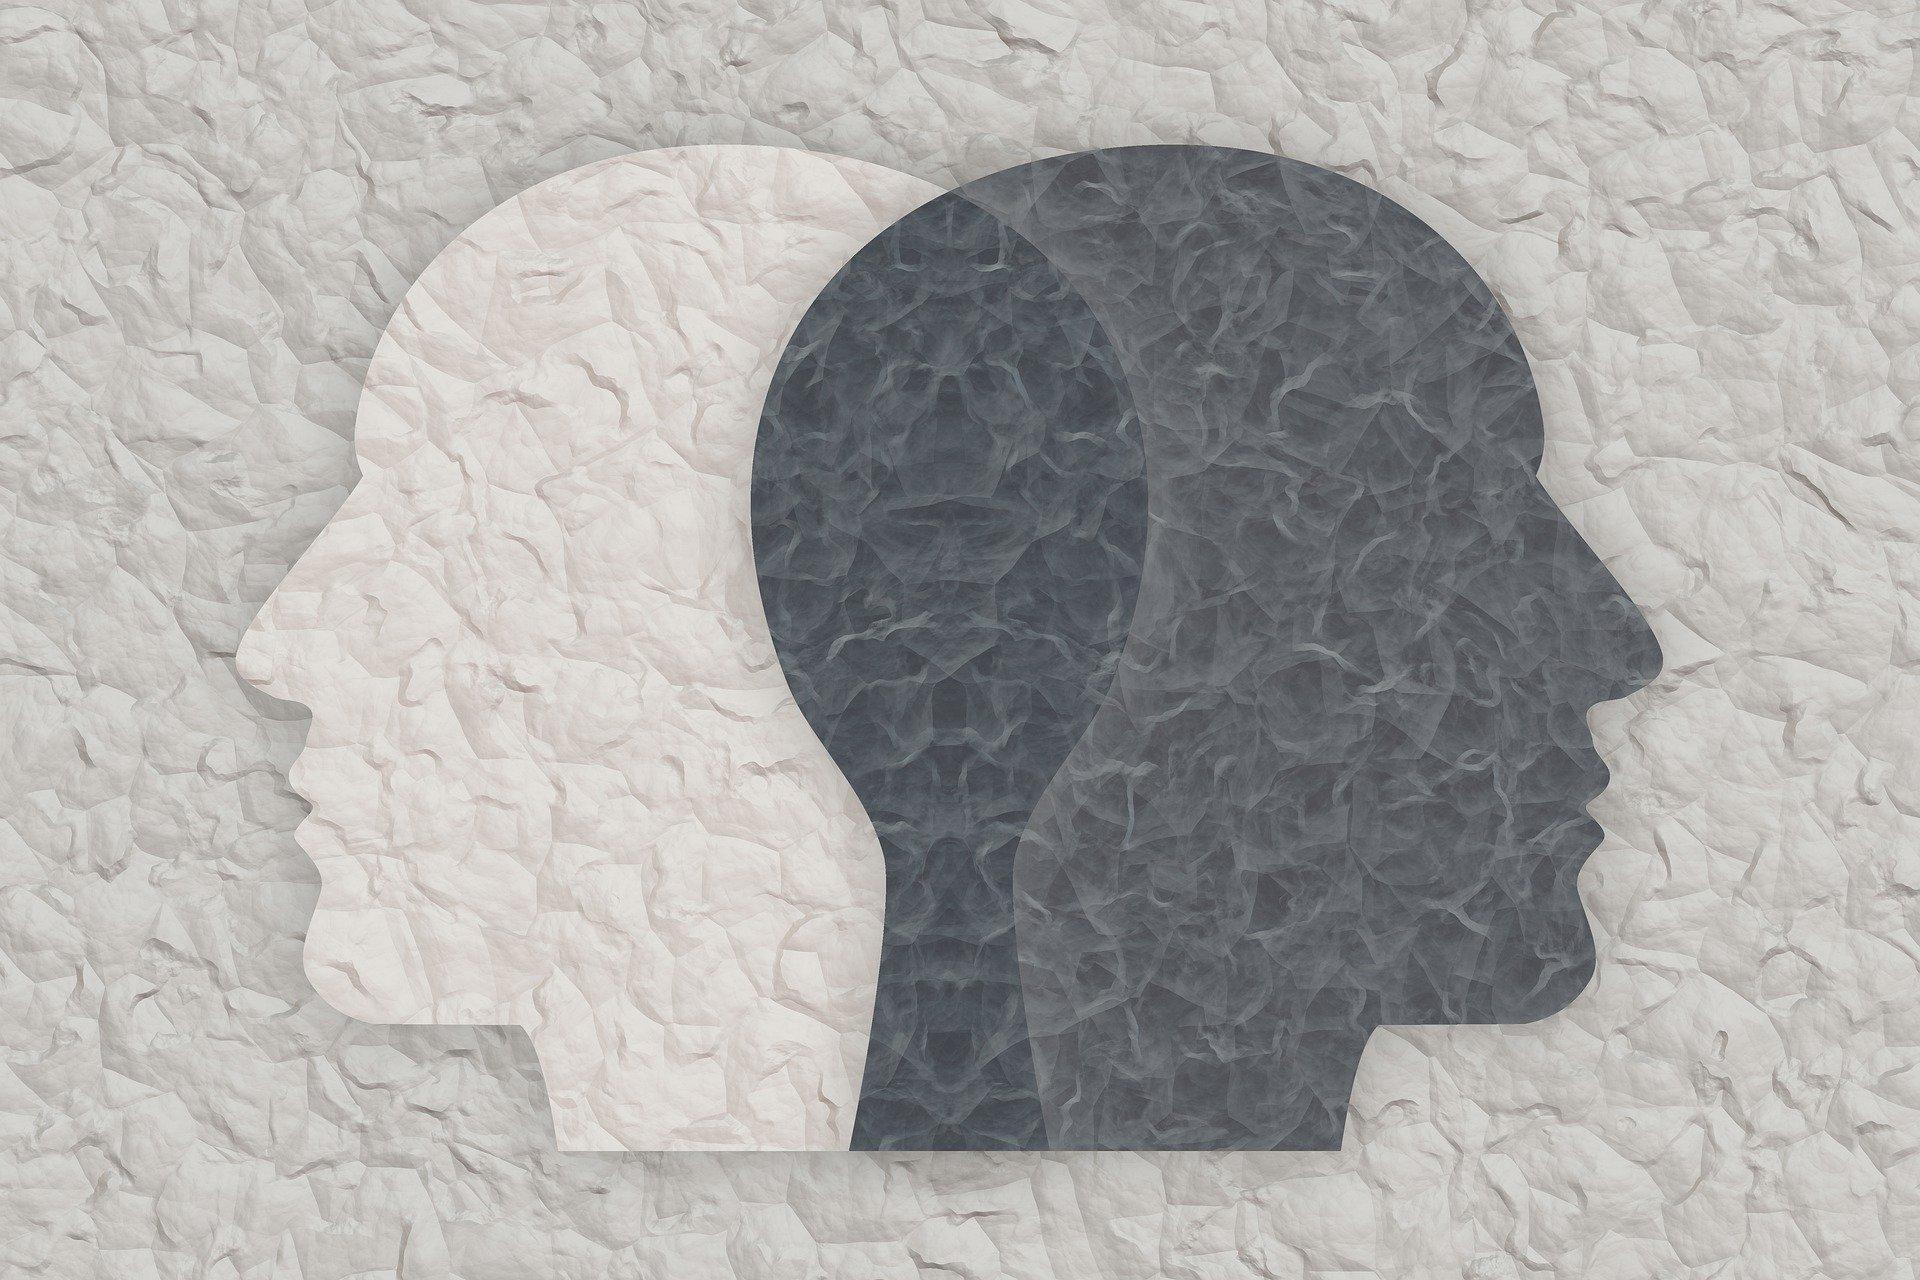 osnove razumevanja bipolarnog poremecaja